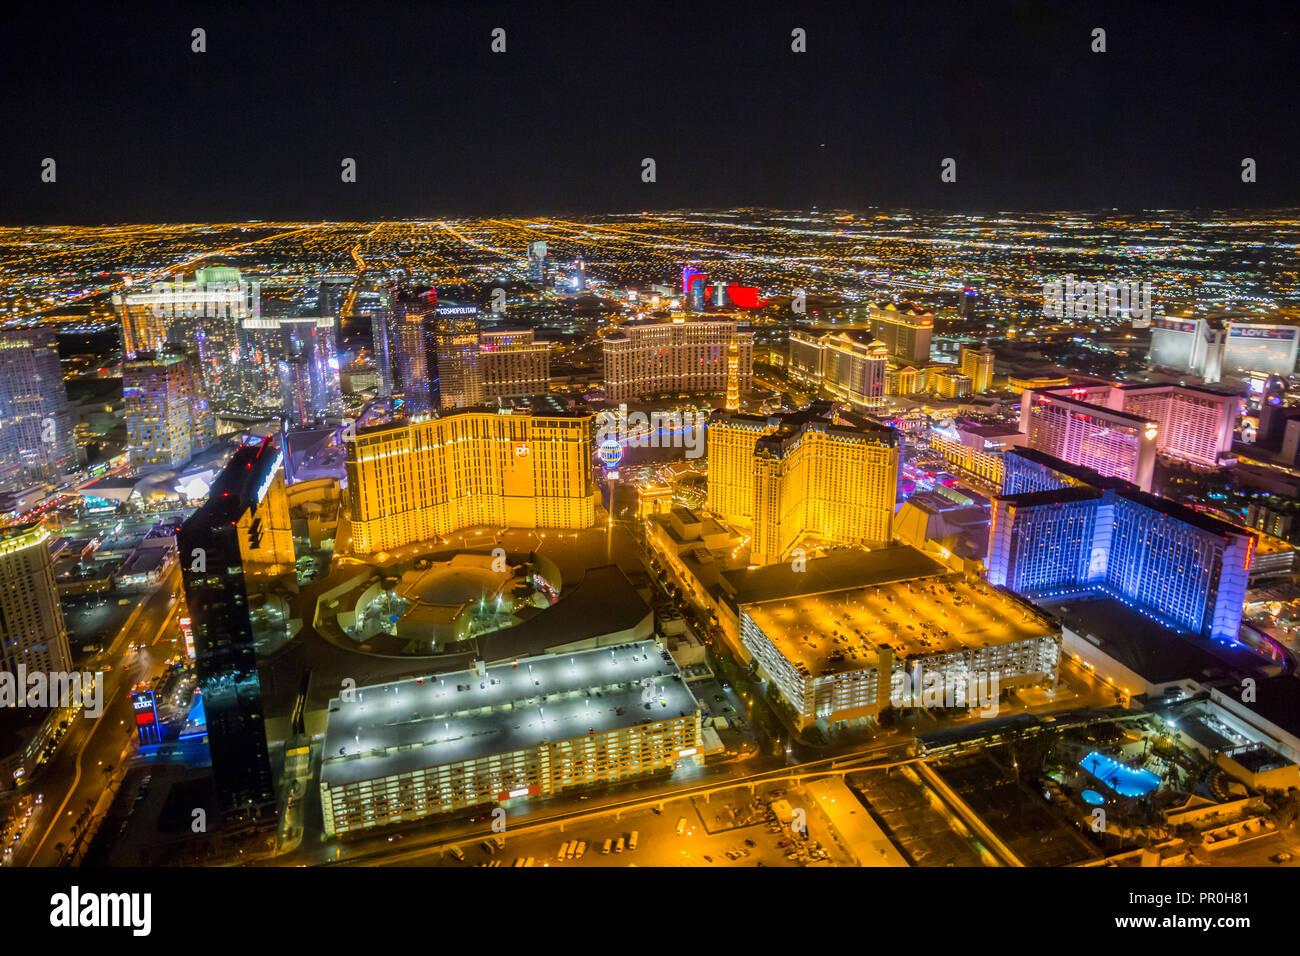 Vue sur Las Vegas et la bande à partir d'hélicoptères de la nuit, Las Vegas, Nevada, États-Unis d'Amérique, Amérique du Nord Banque D'Images